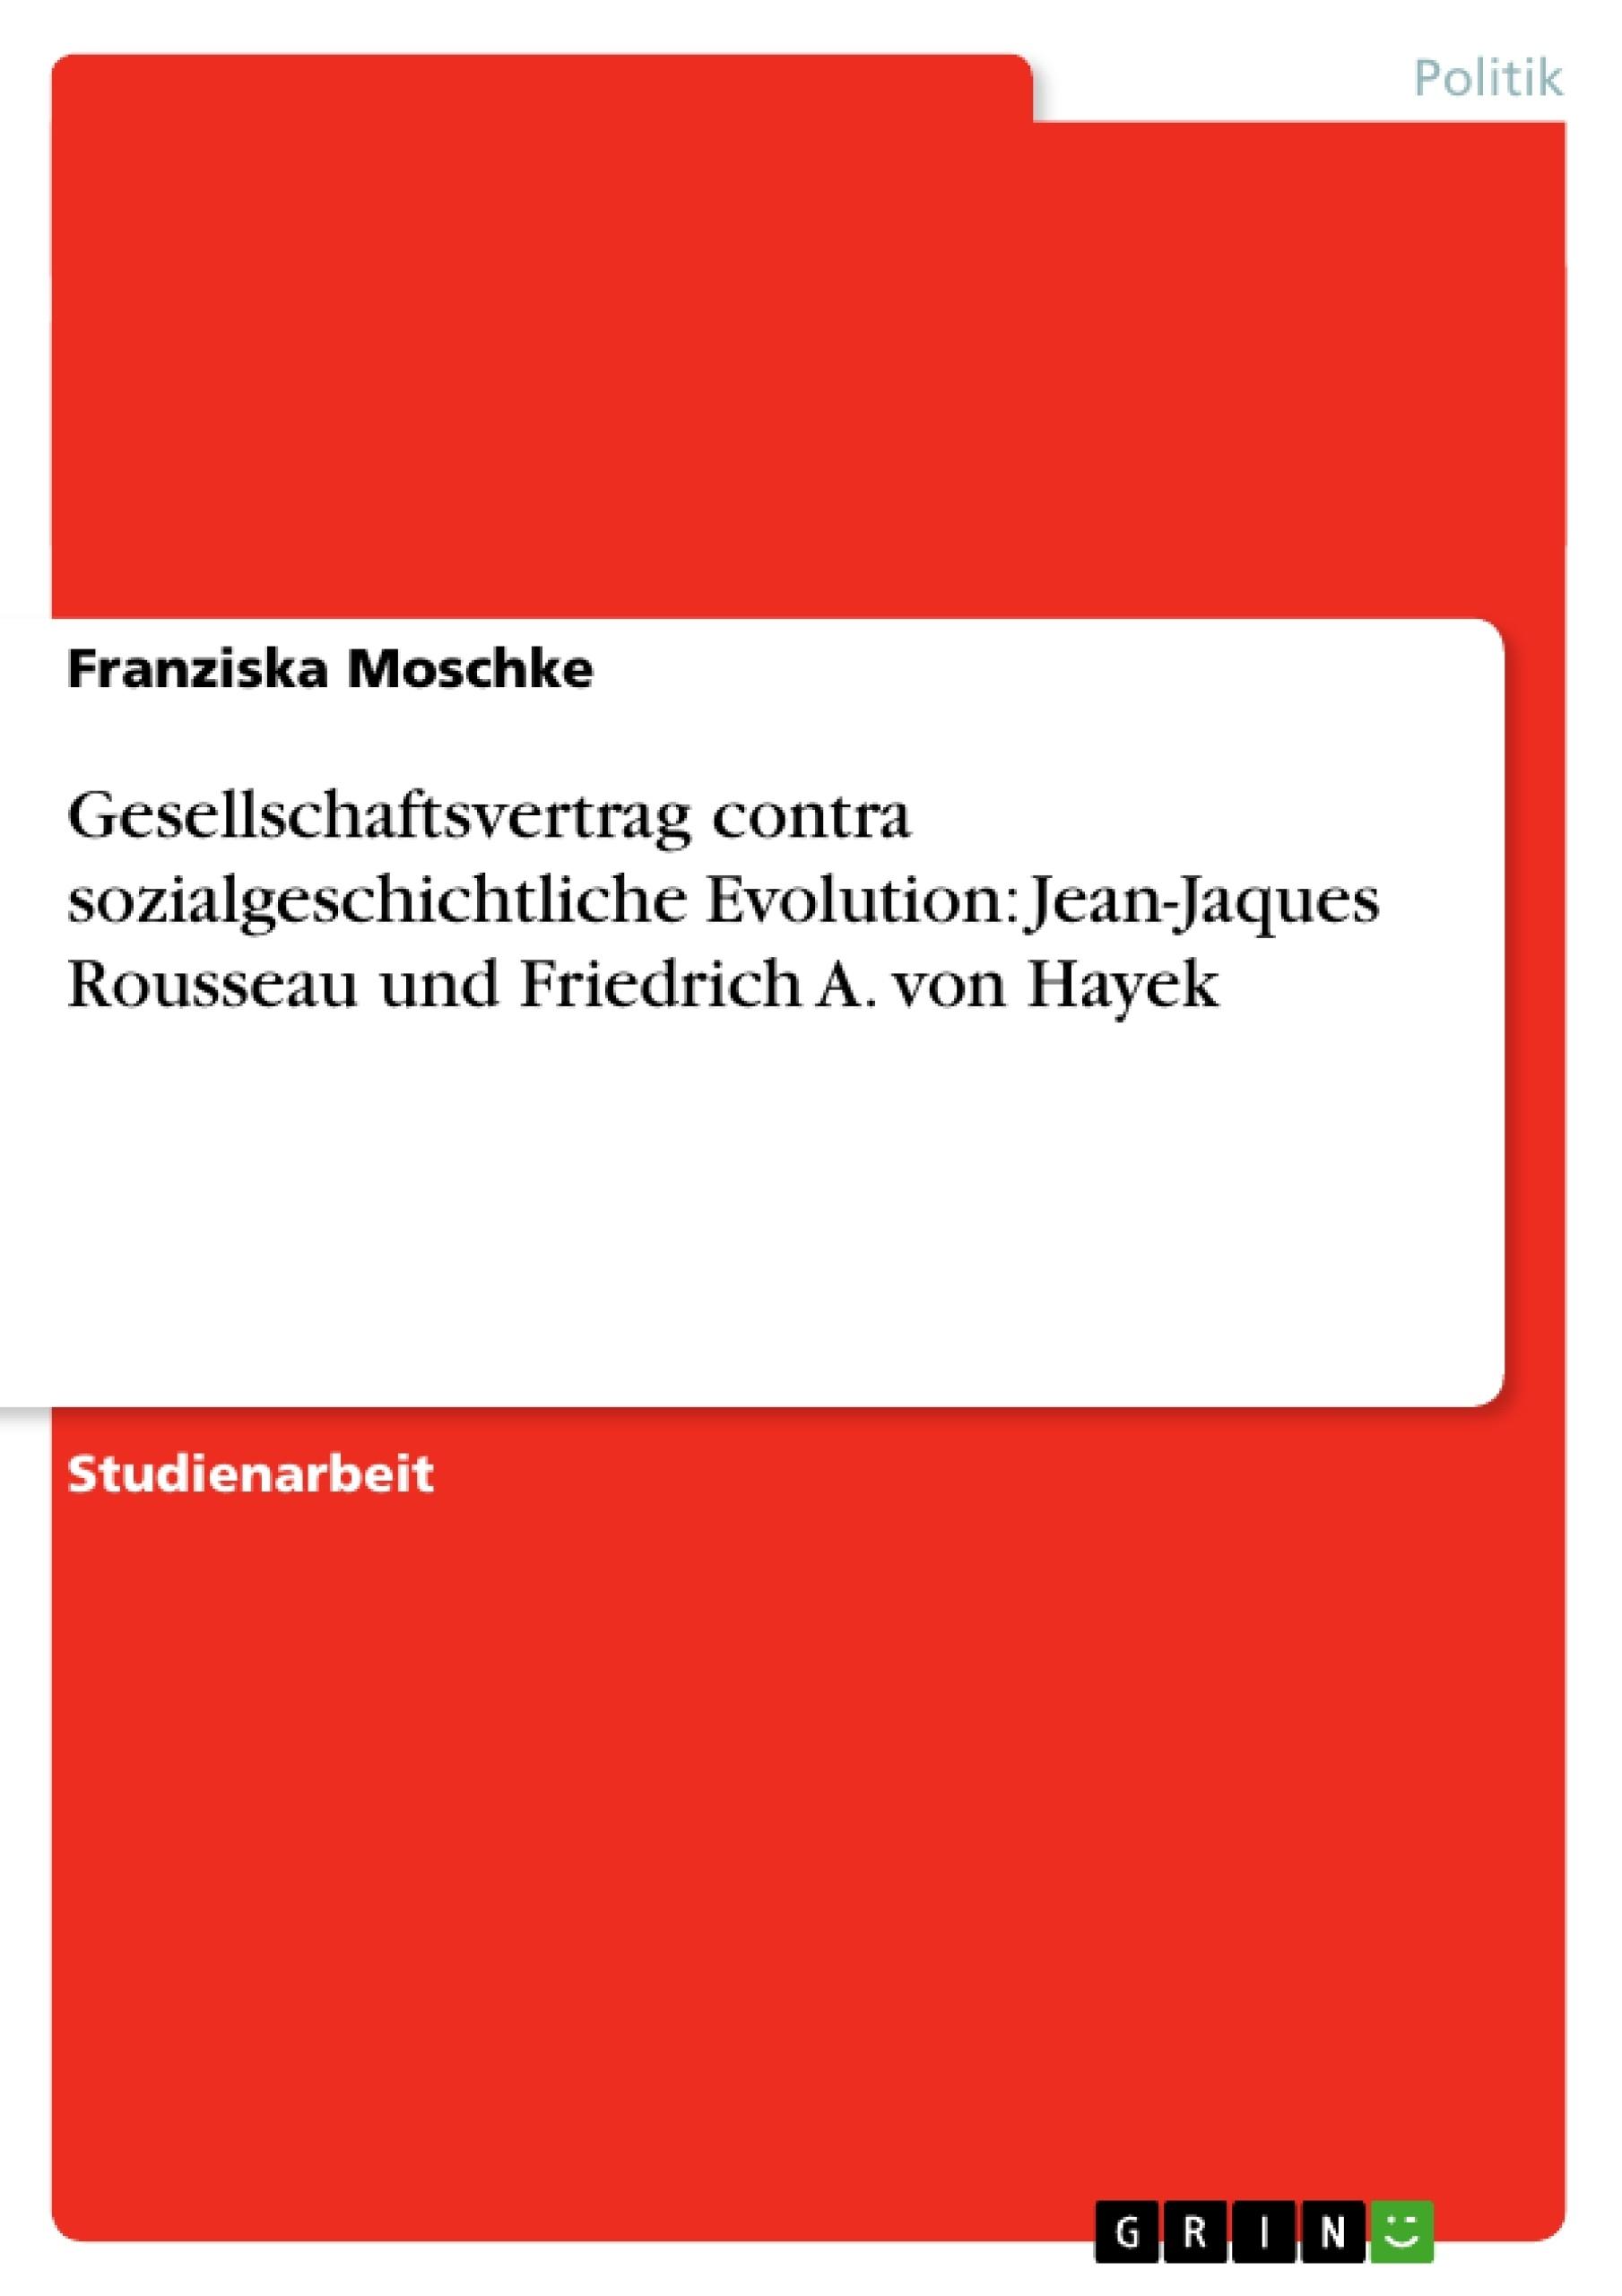 Titel: Gesellschaftsvertrag contra sozialgeschichtliche Evolution: Jean-Jaques Rousseau und Friedrich A. von Hayek